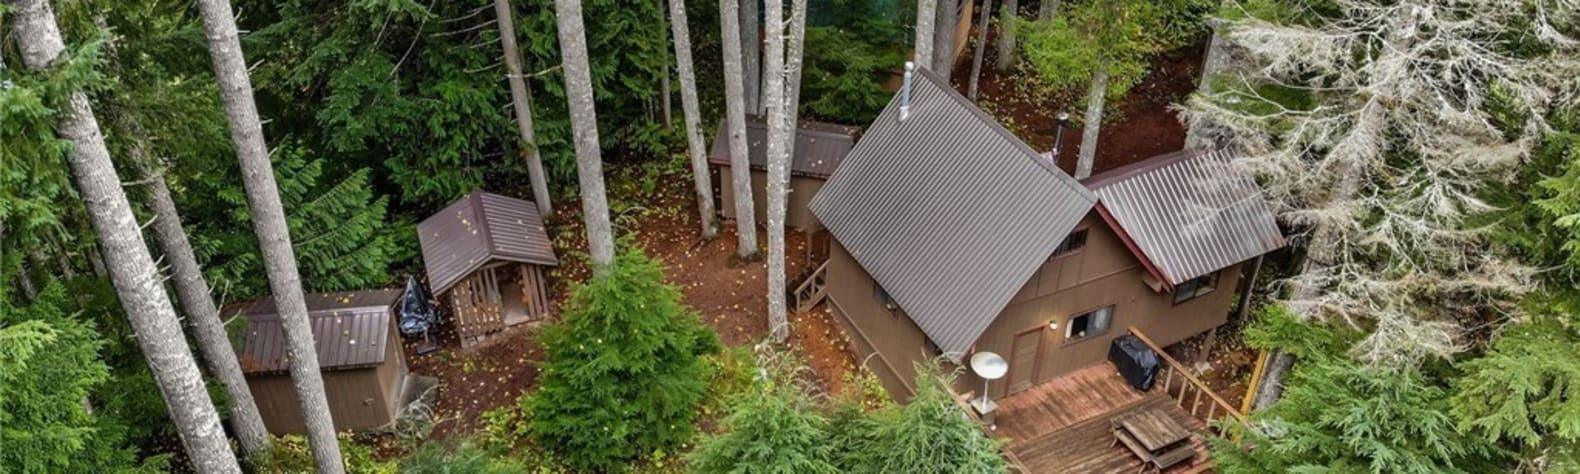 Iron Goat Ski Cabin at Stevens